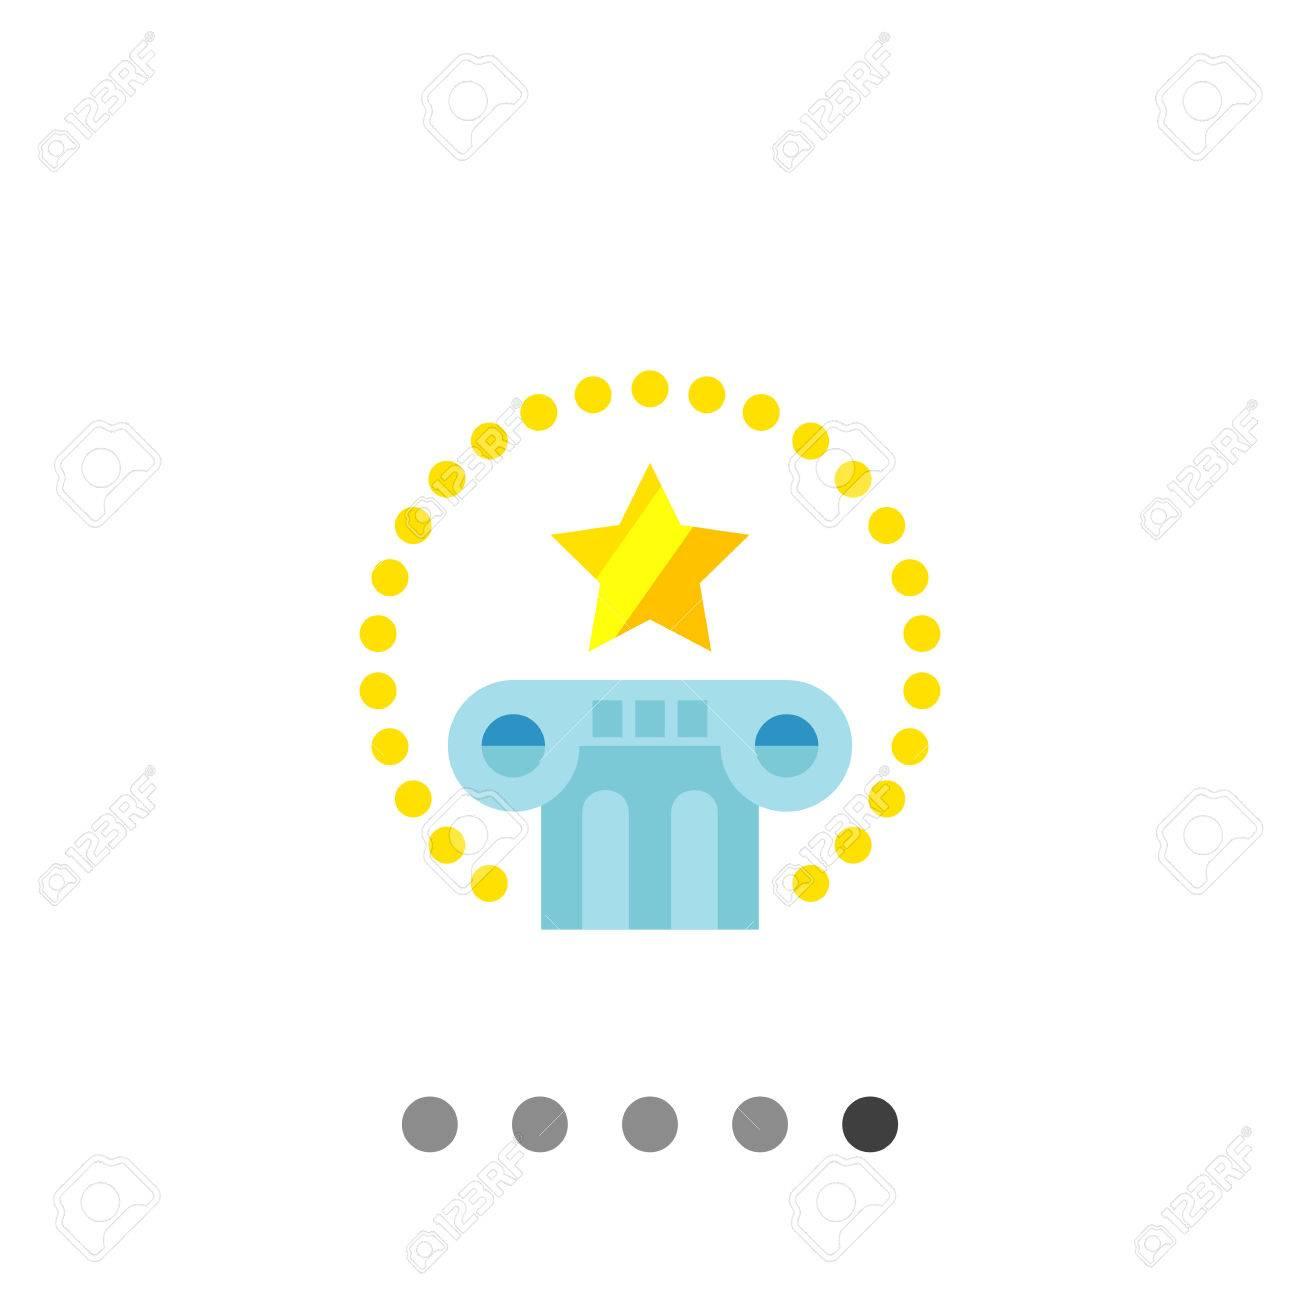 Multicolores Icône Vecteur De Pilier Avec étoile Au Dessus Et Le Cercle De Points Autour Représentant Le Droit International